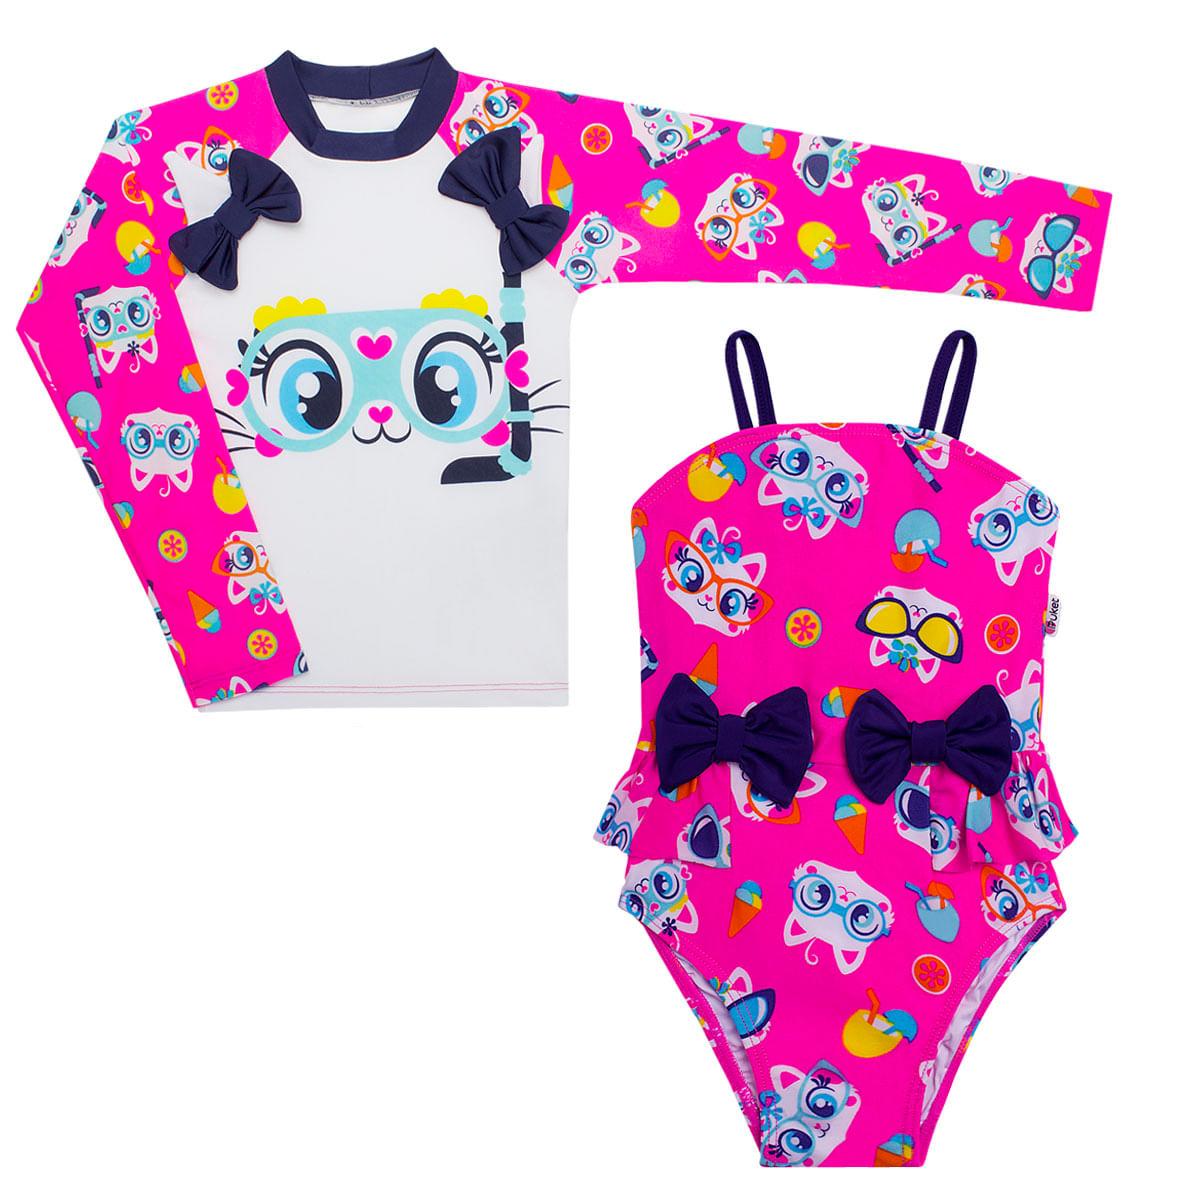 2f338d452a Conjunto de banho infantil Gatinha  Camiseta + Maiô - Puket no ...